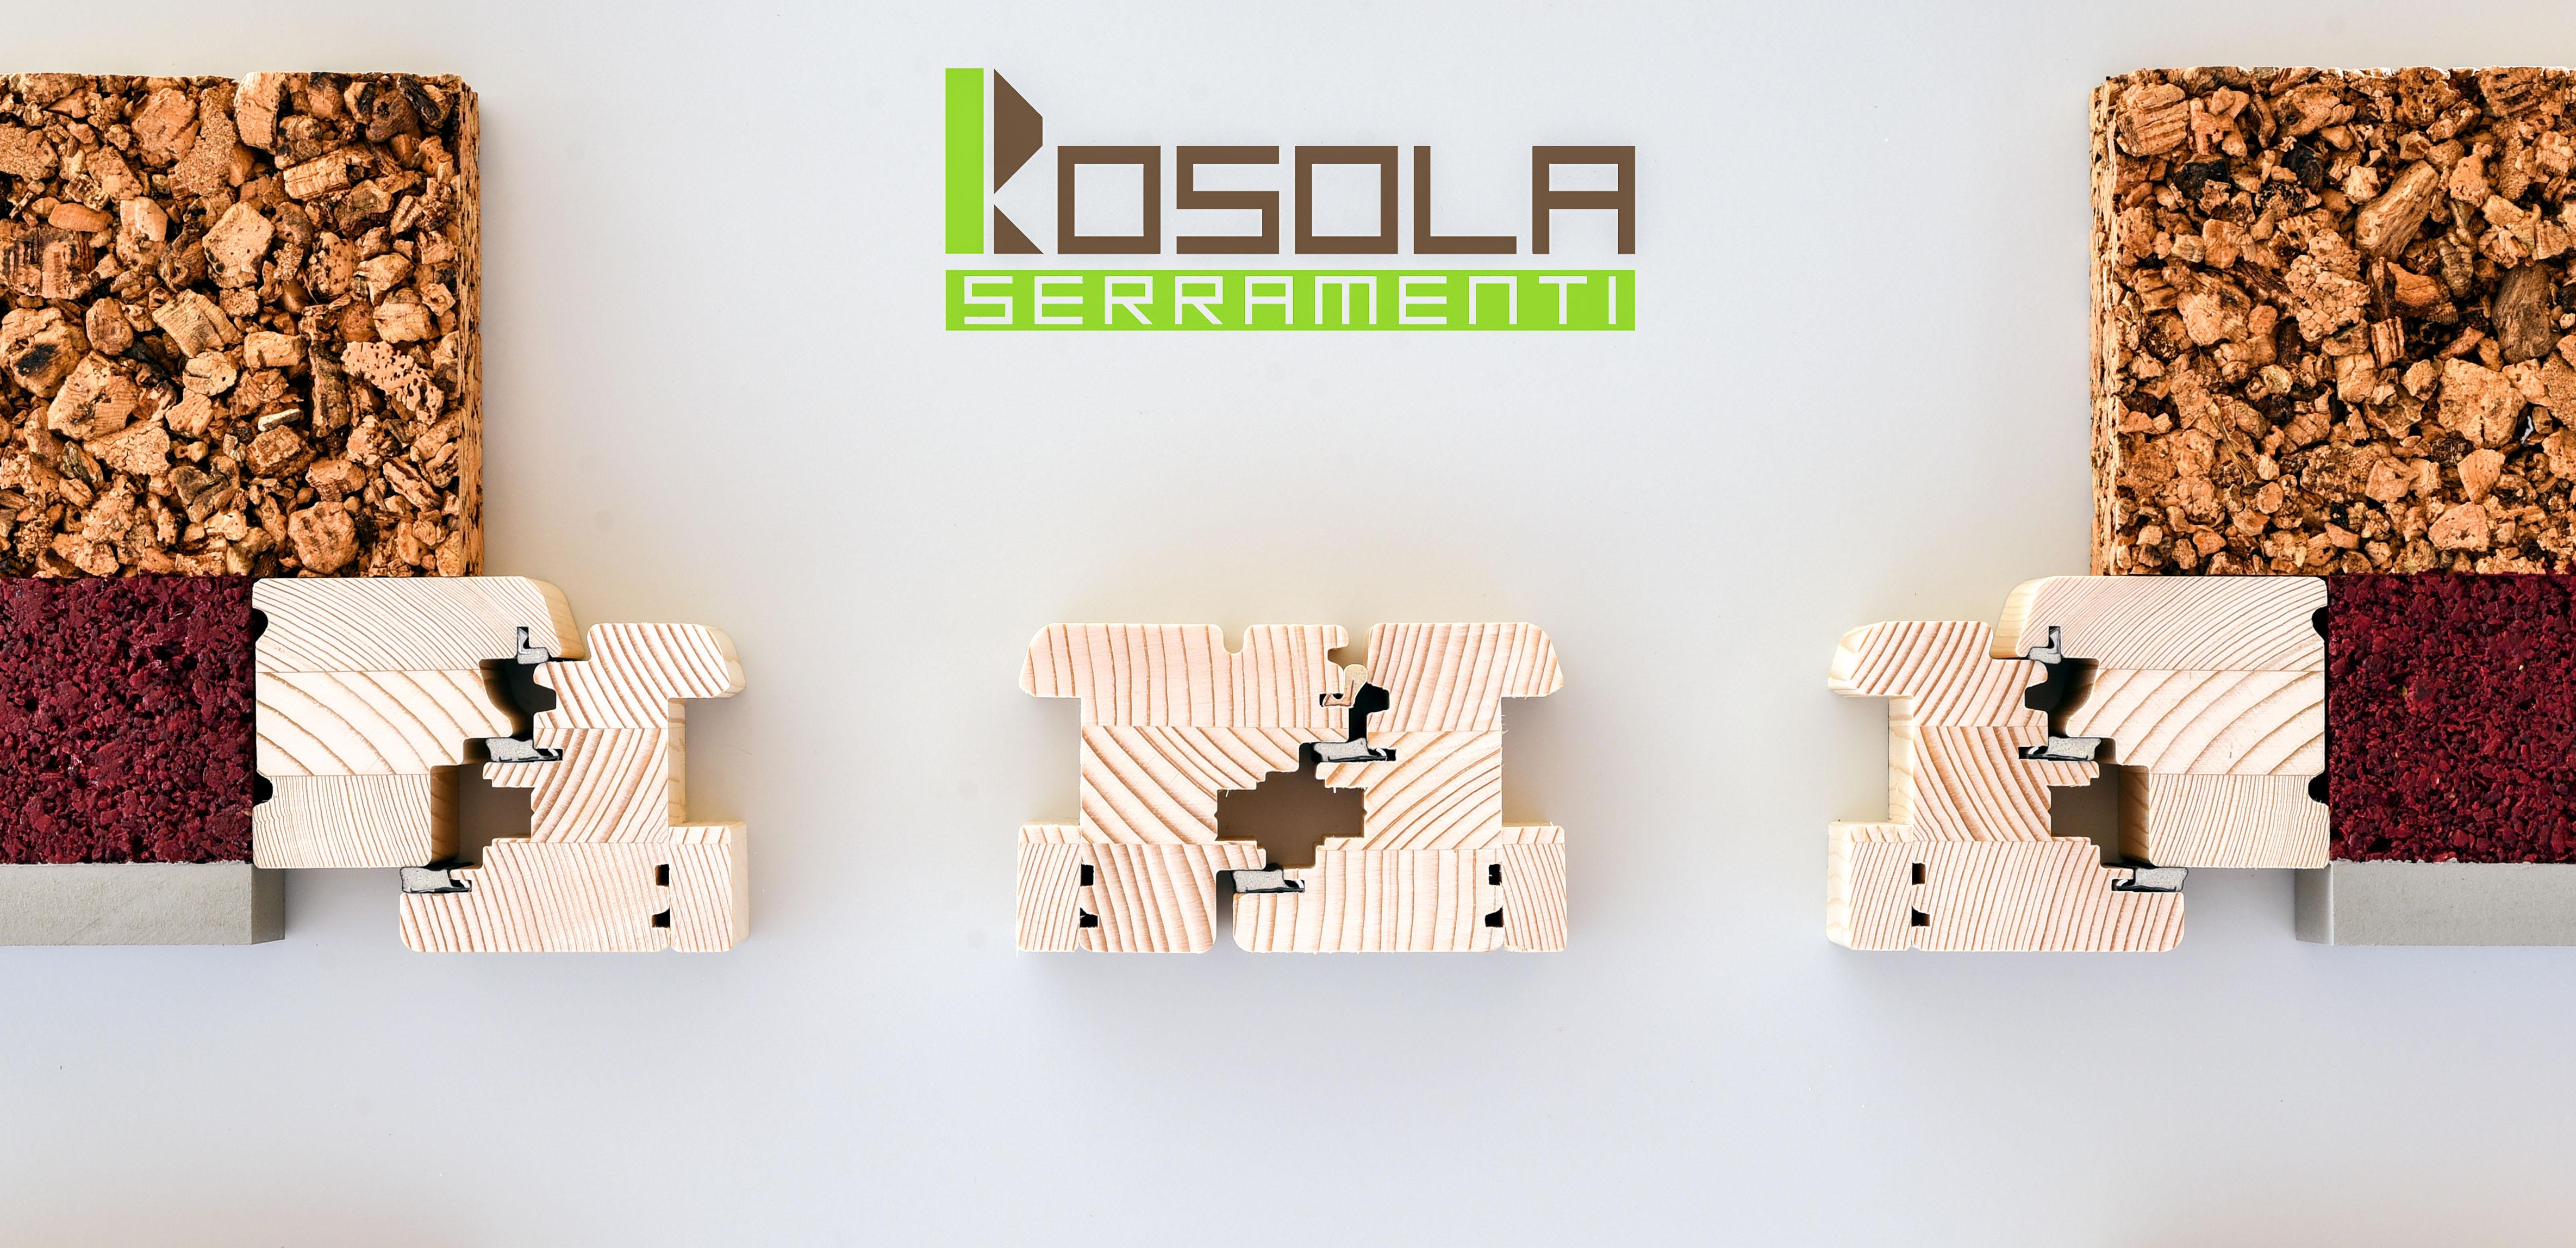 rosolaesperia78